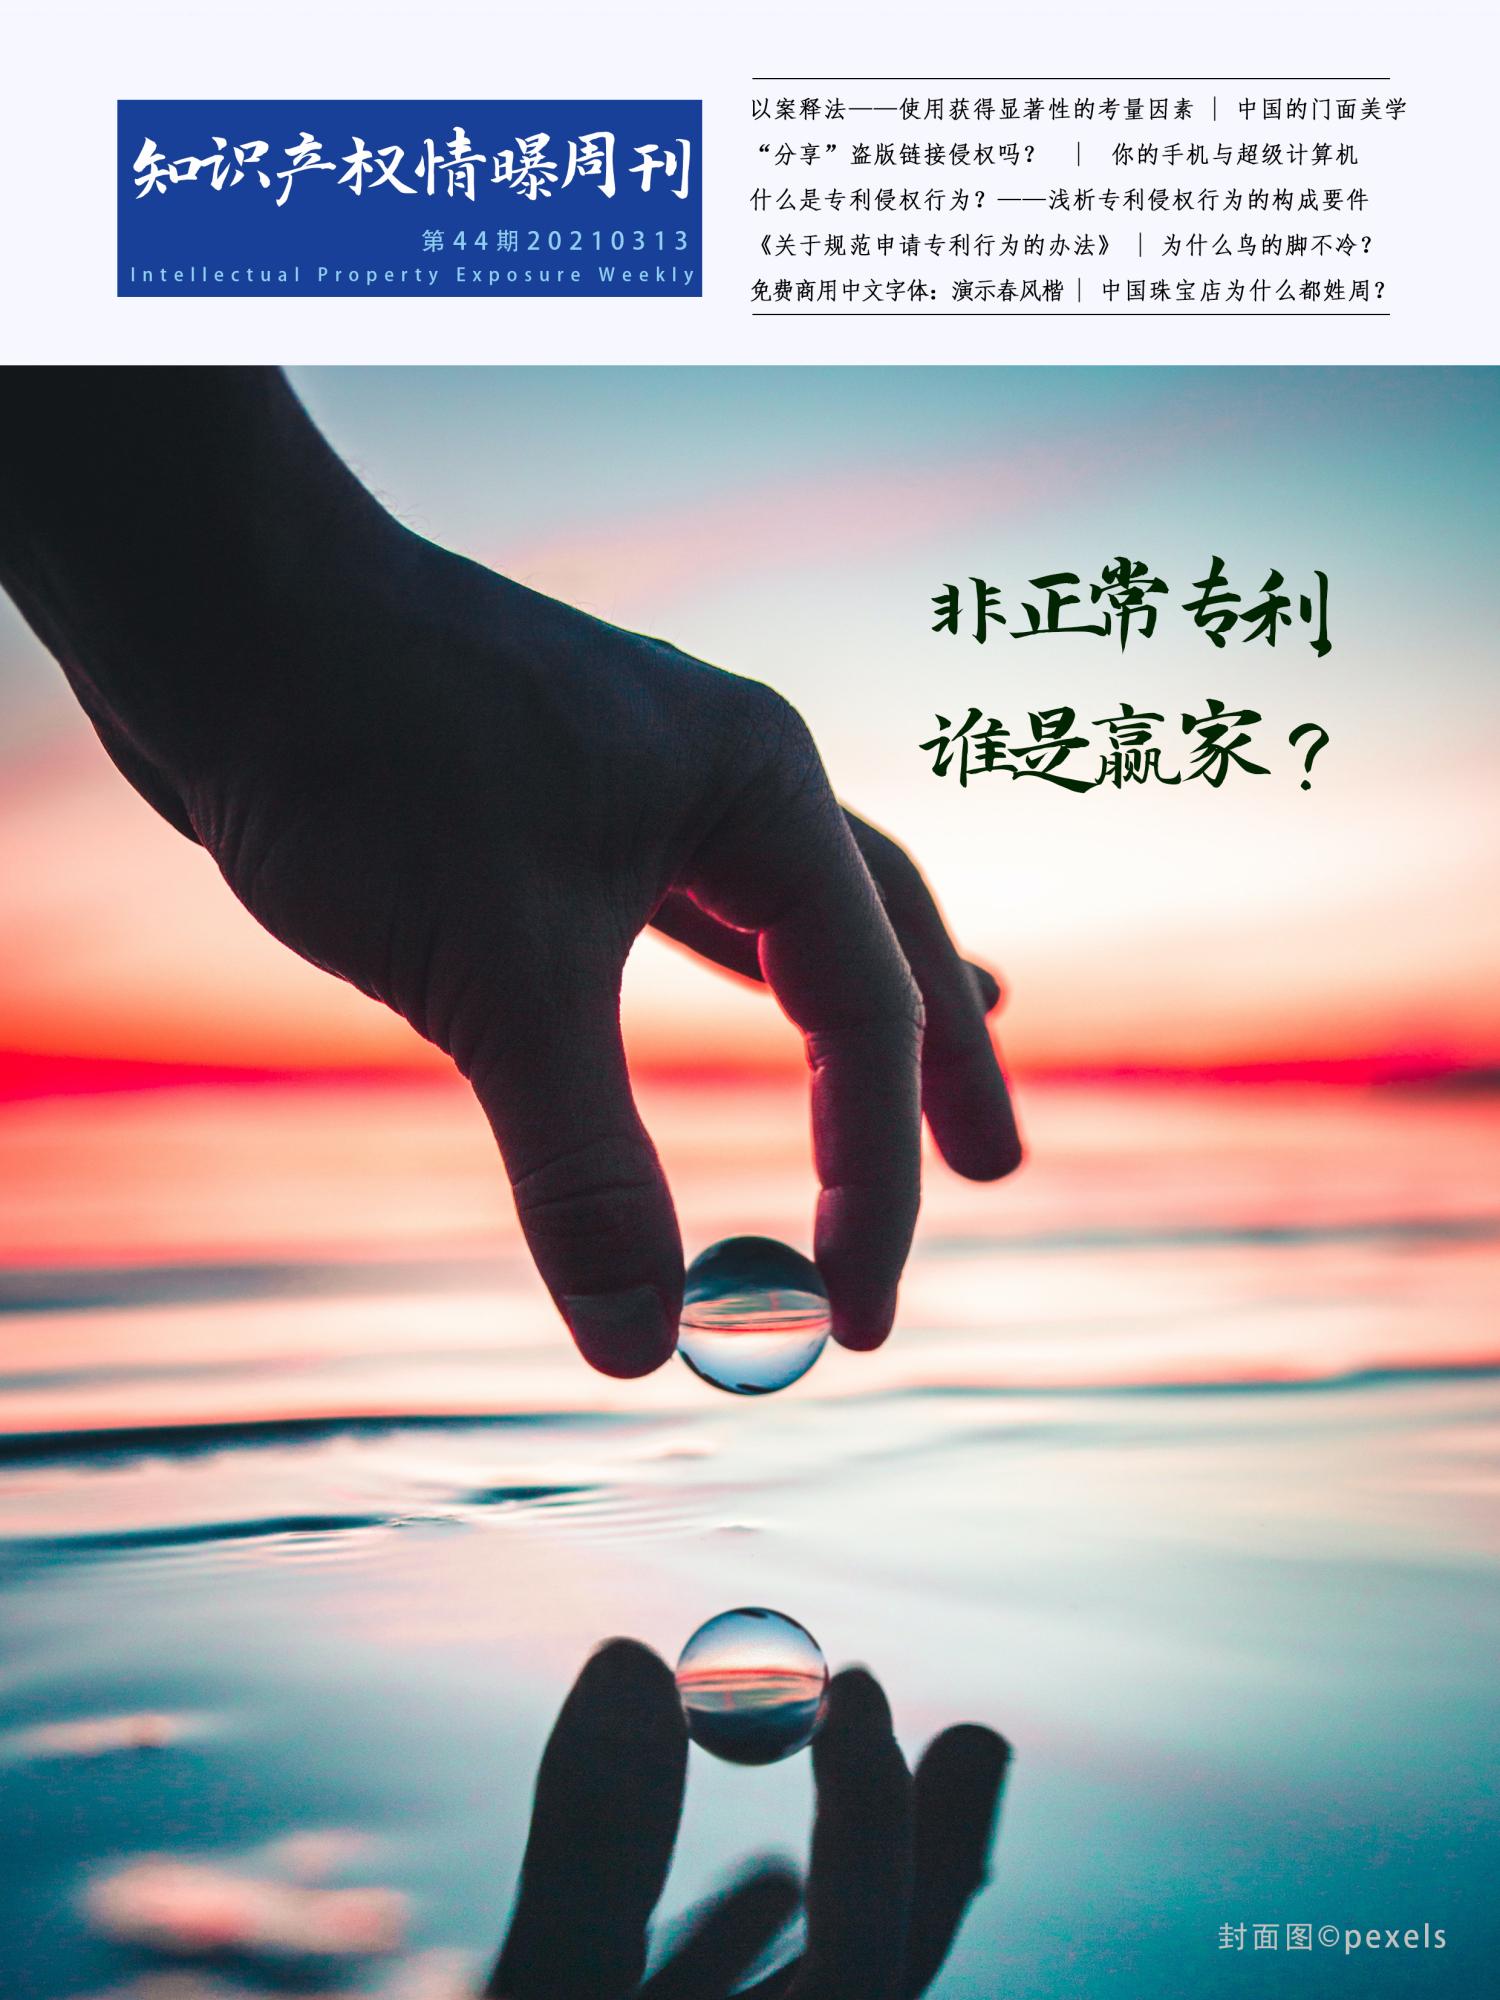 知识产权情曝 封面44期.jpg